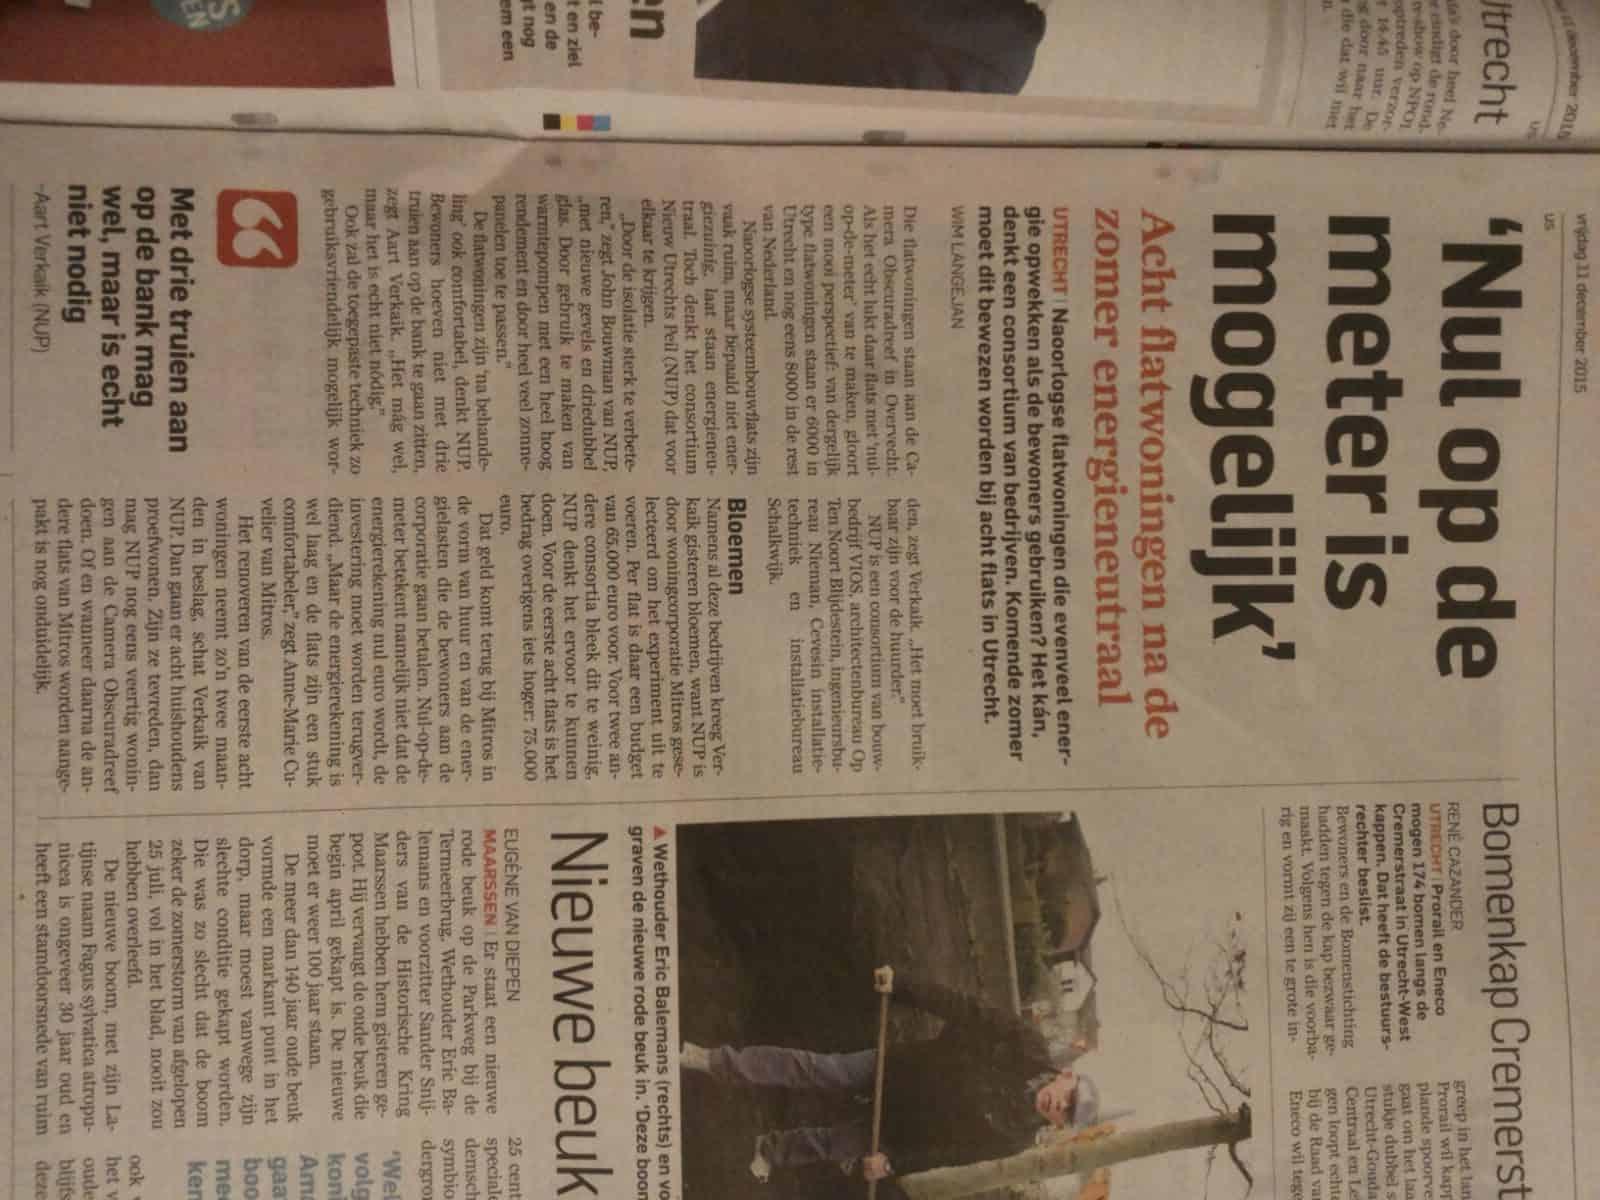 Nul-op-de-meter is mogelijk_AD-UtrechtsNieuwsblad 11-12-2015